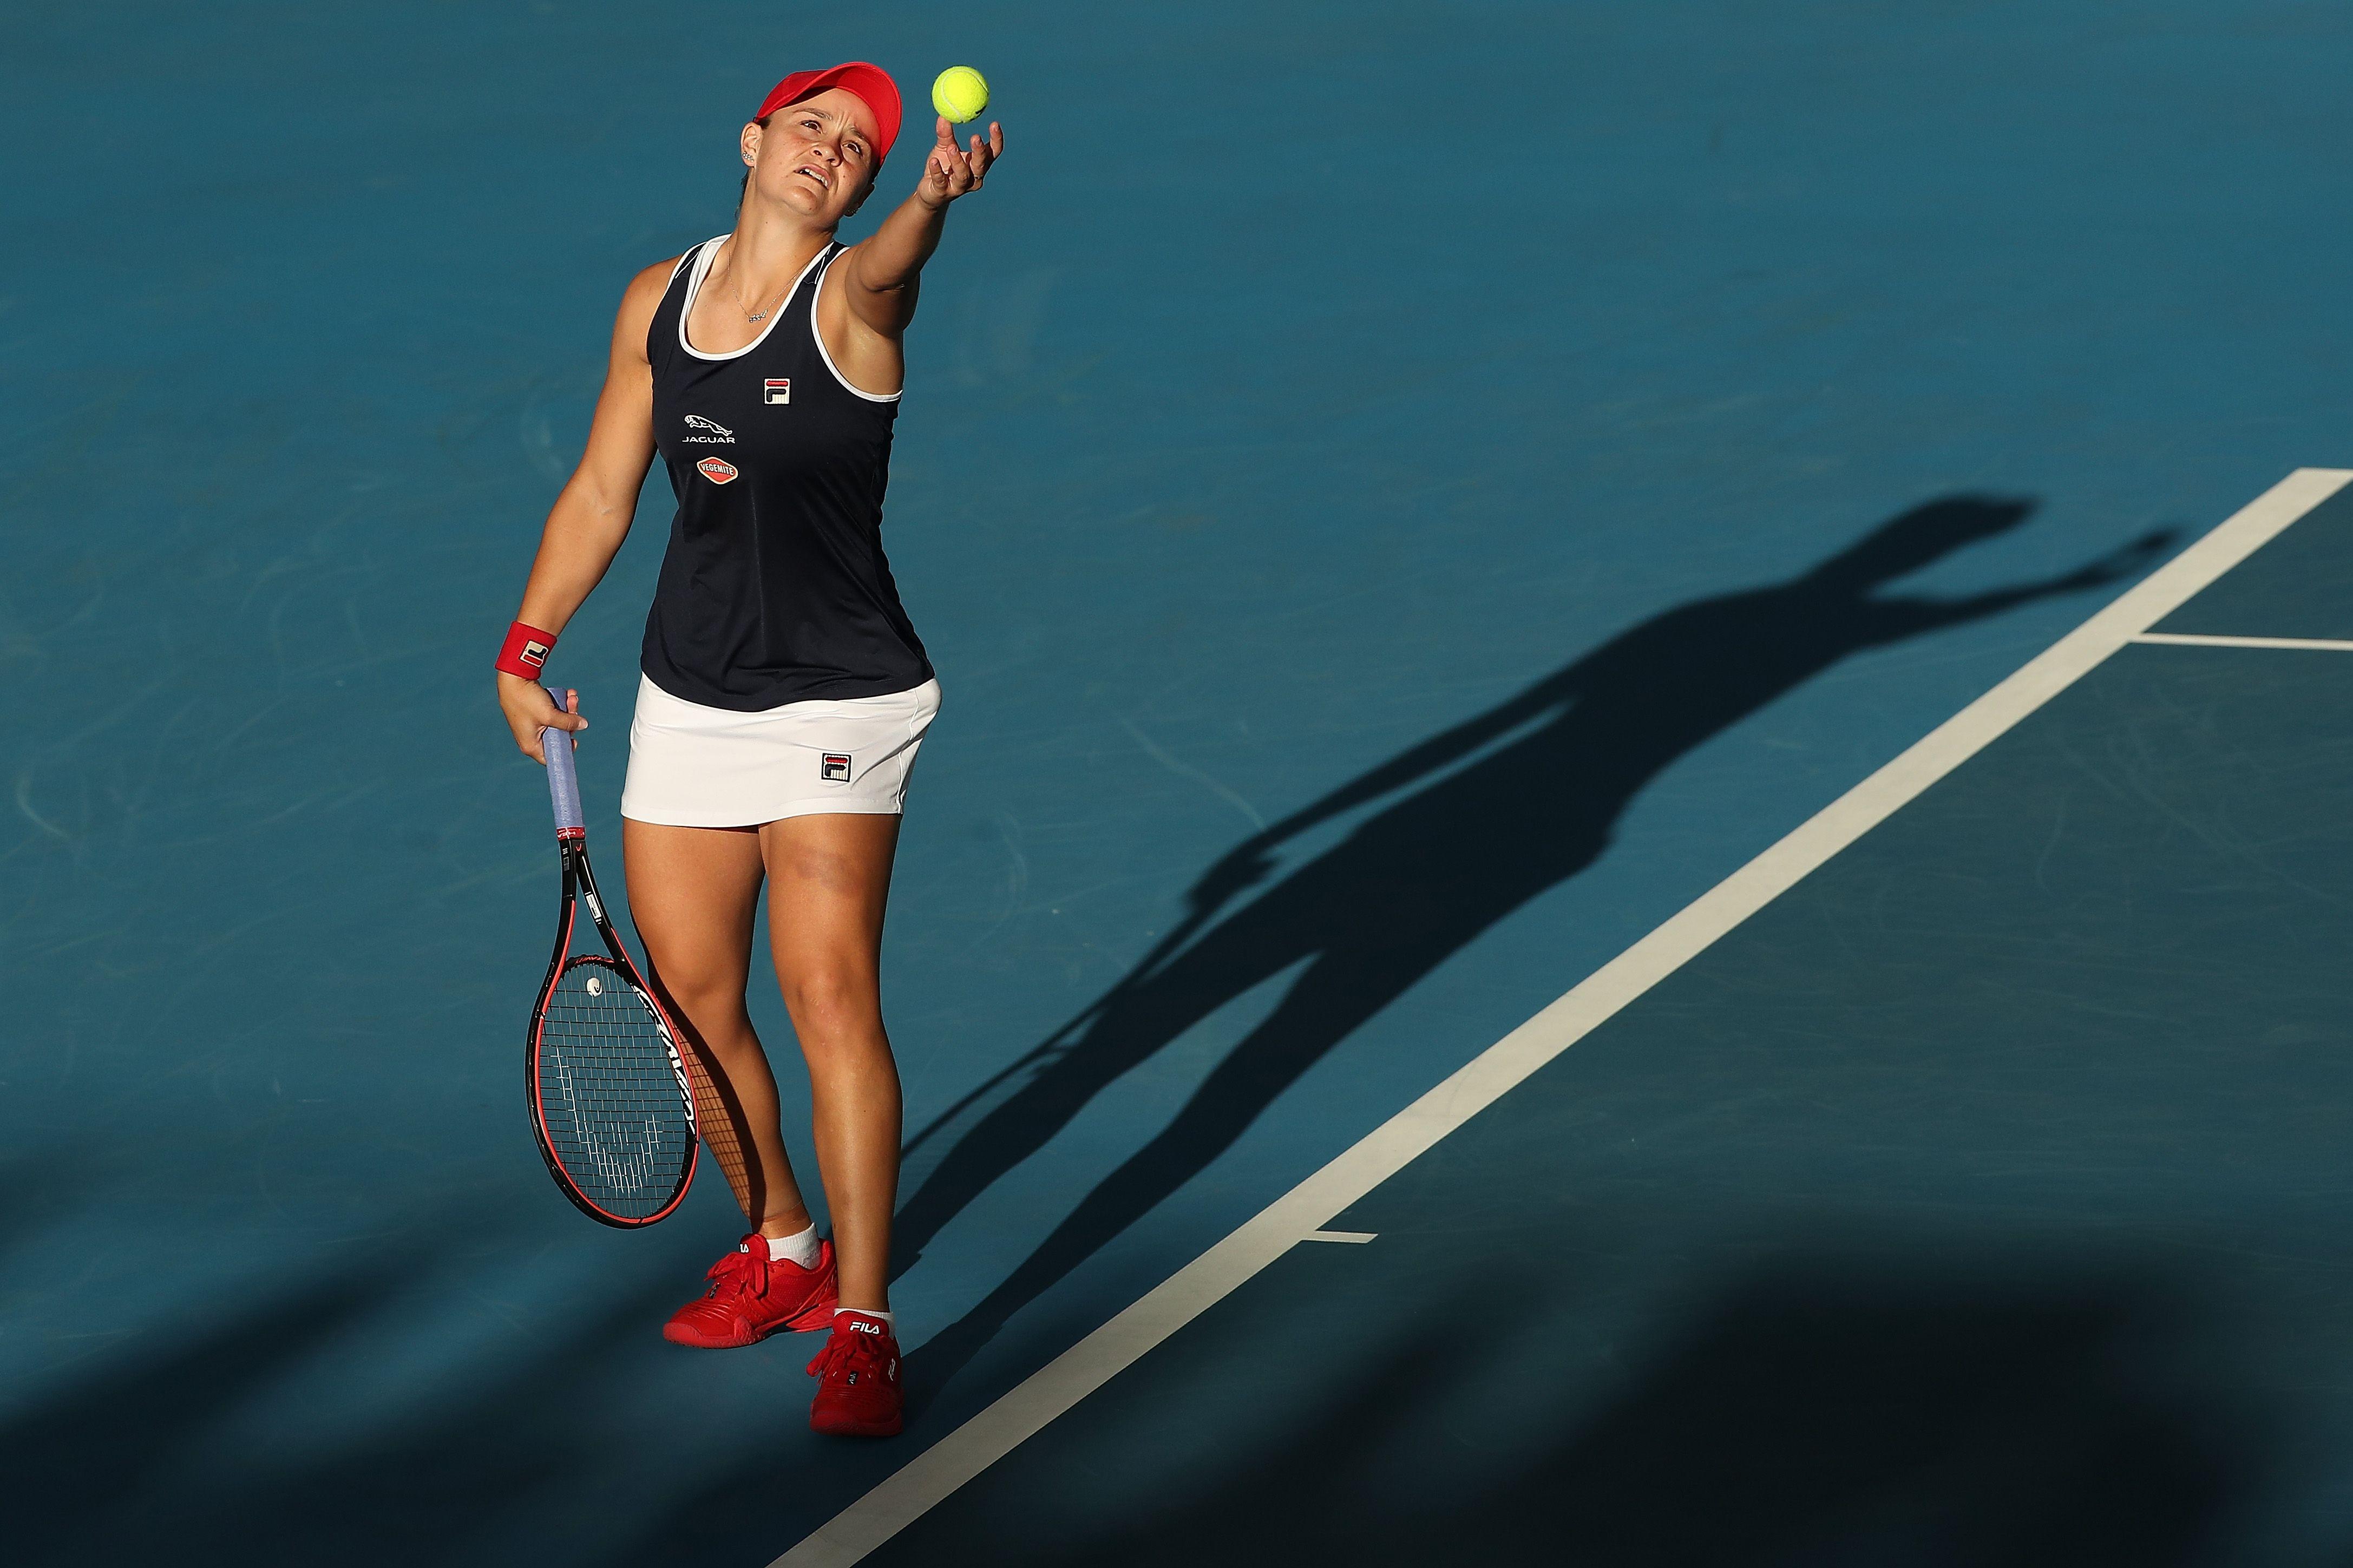 女子テニス世界ランキング第1位! アシュリー・バーティの強さの秘密とは?